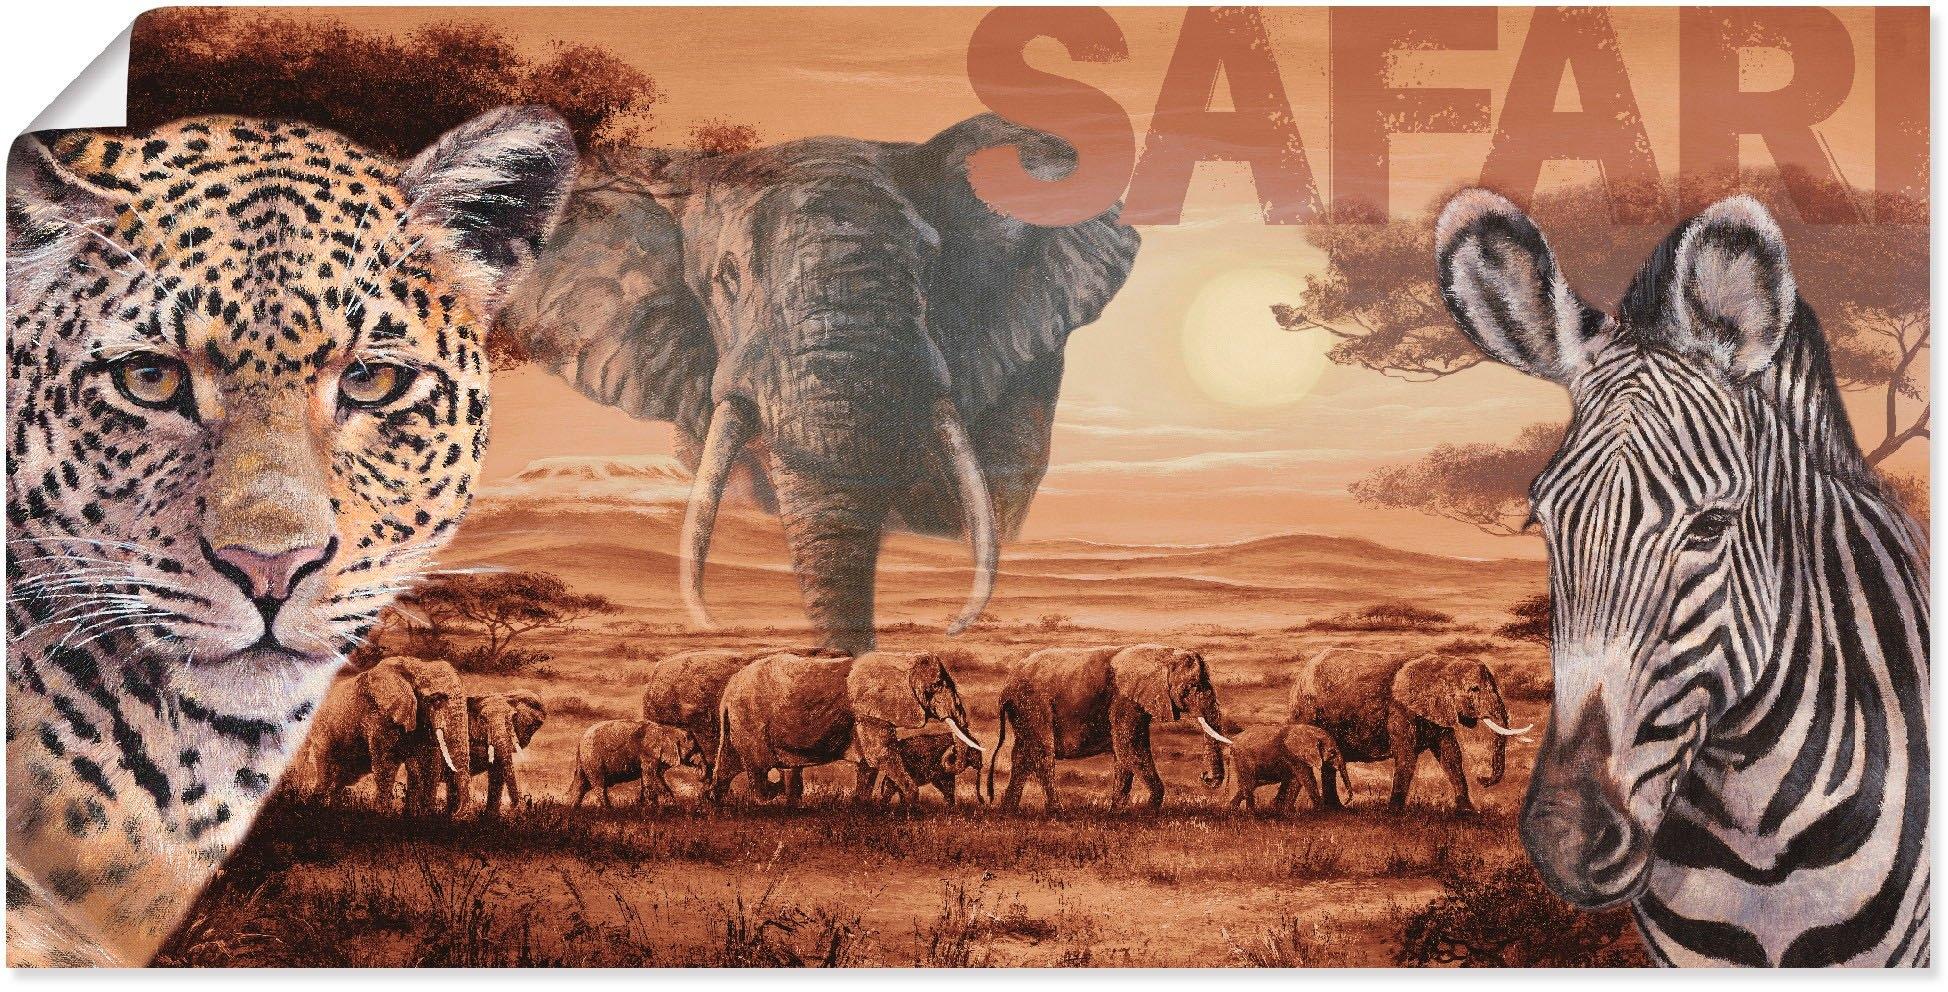 Artland artprint Safari in vele afmetingen & productsoorten - artprint van aluminium / artprint voor buiten, artprint op linnen, poster, muursticker / wandfolie ook geschikt voor de badkamer (1 stuk) online kopen op otto.nl